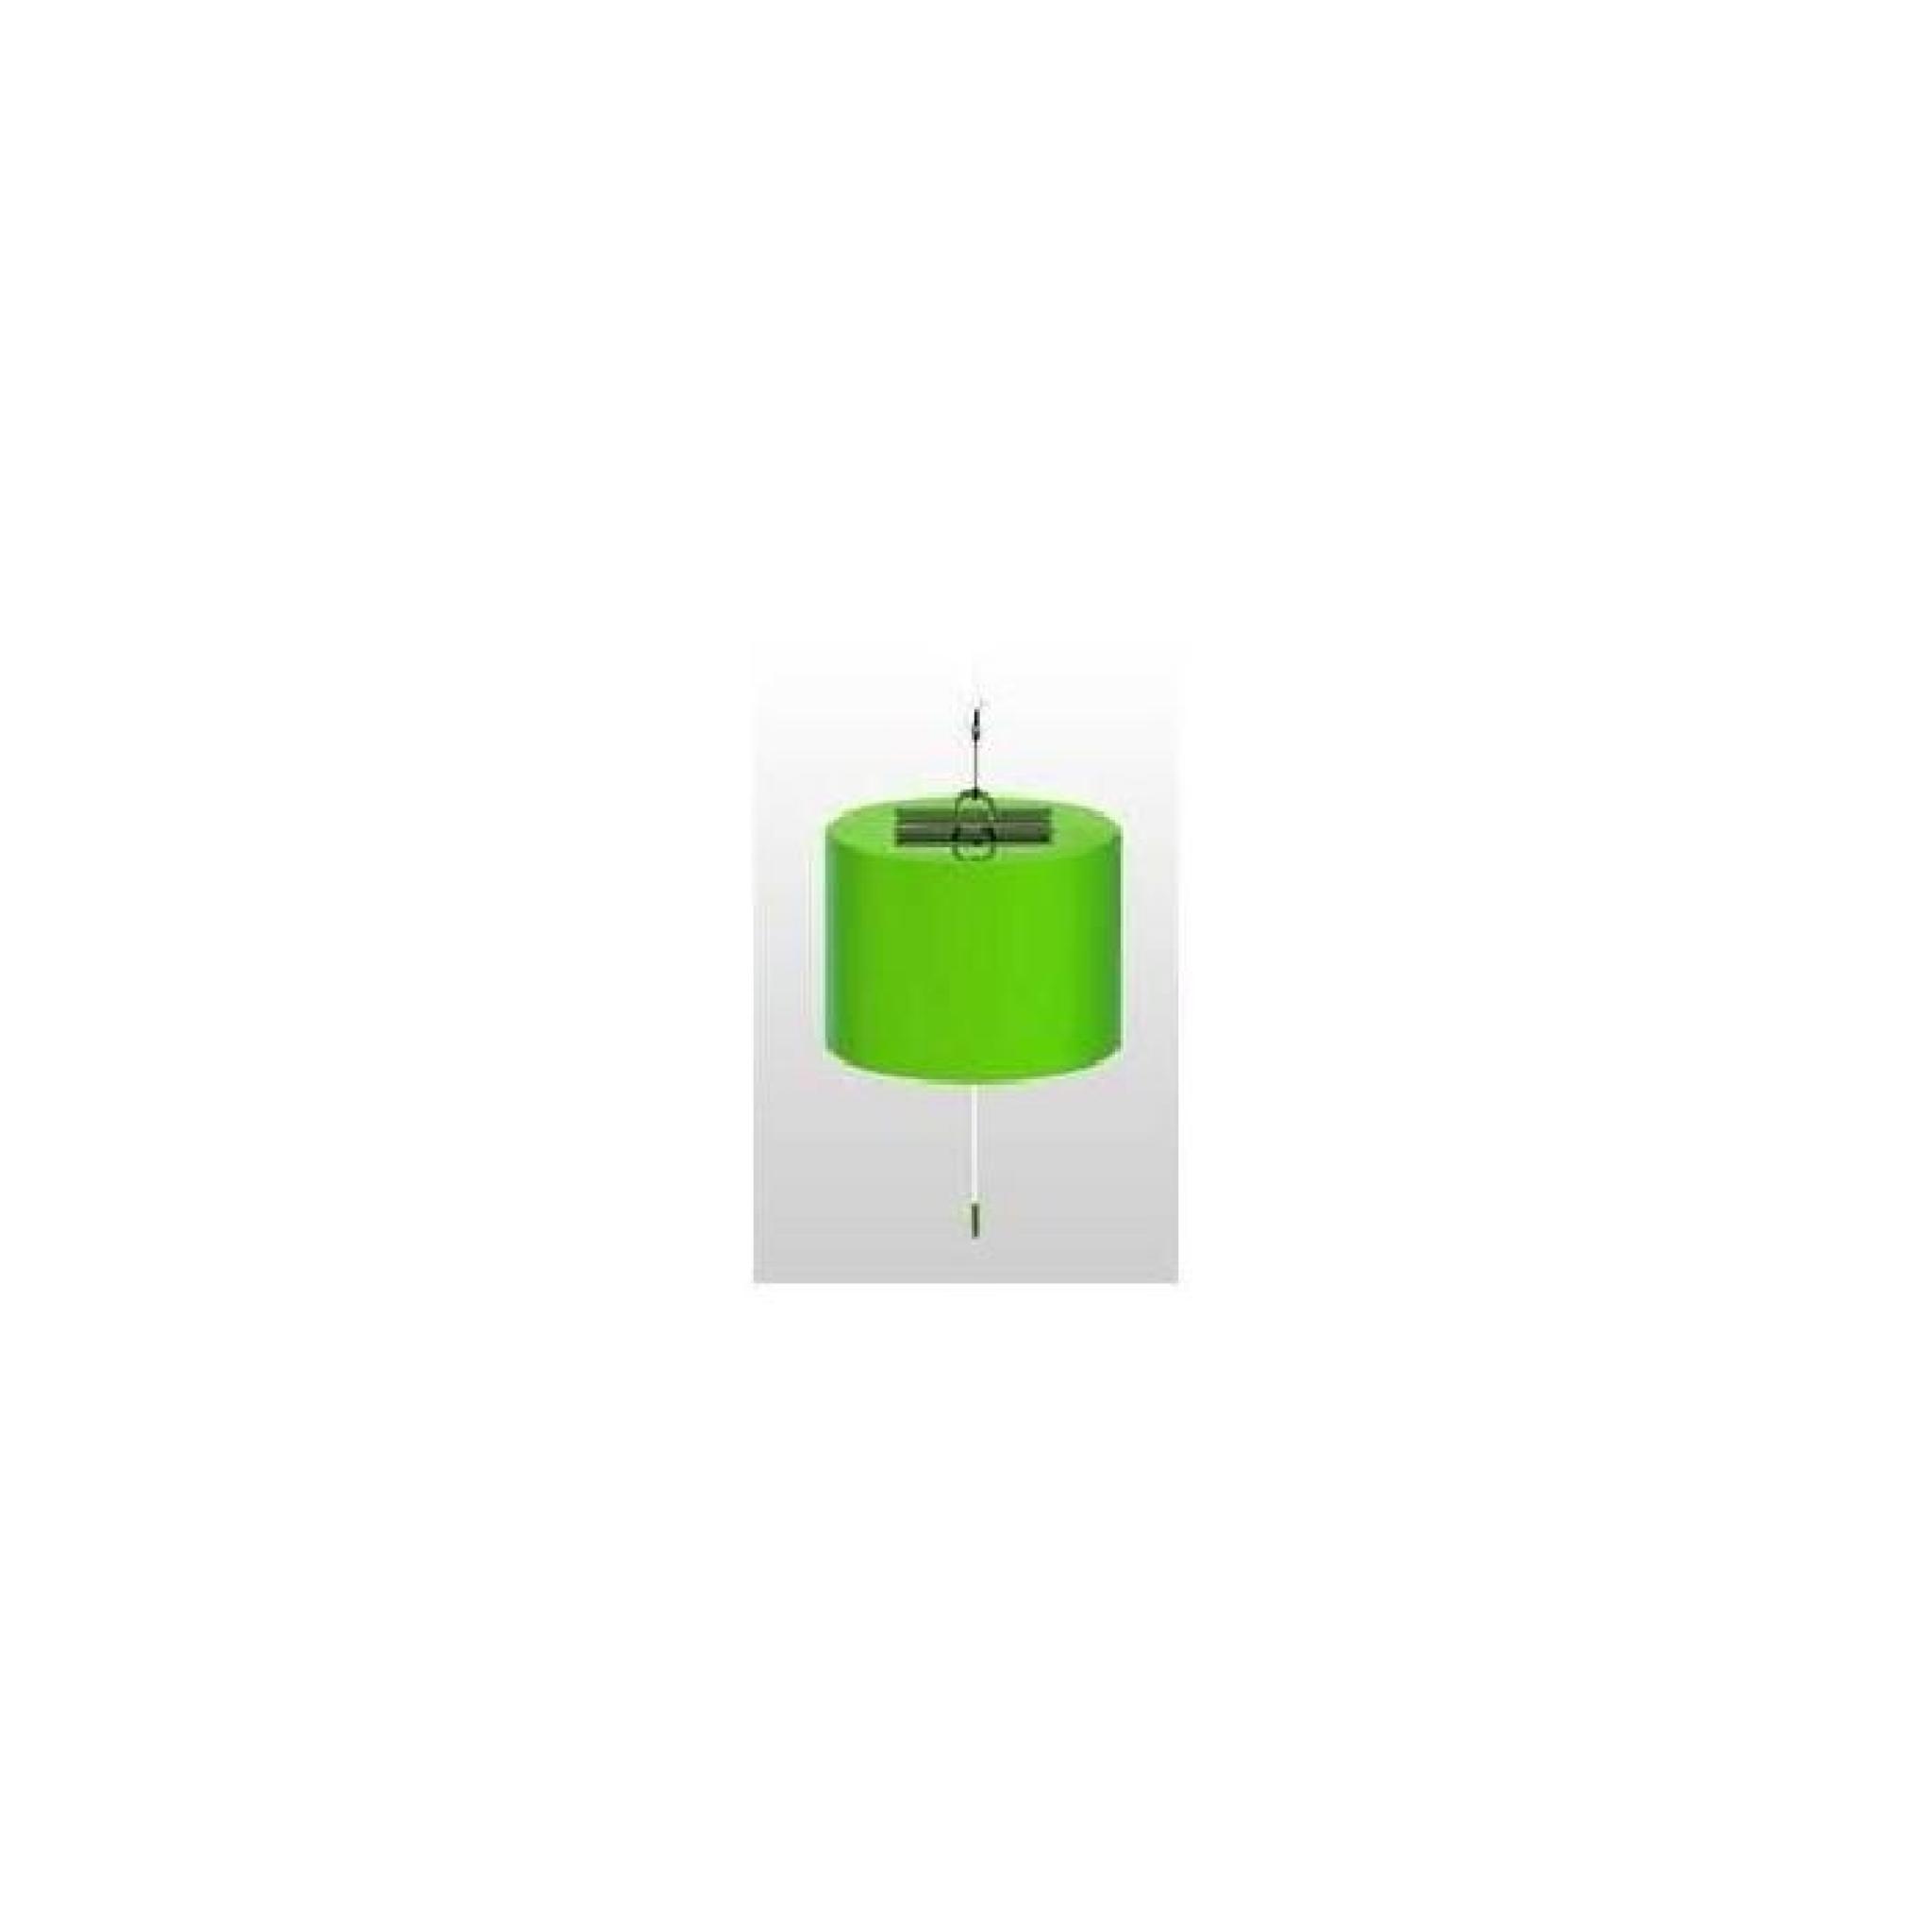 Lampe solaire suspendre de couleur verte achat vente for Lampe a suspendre